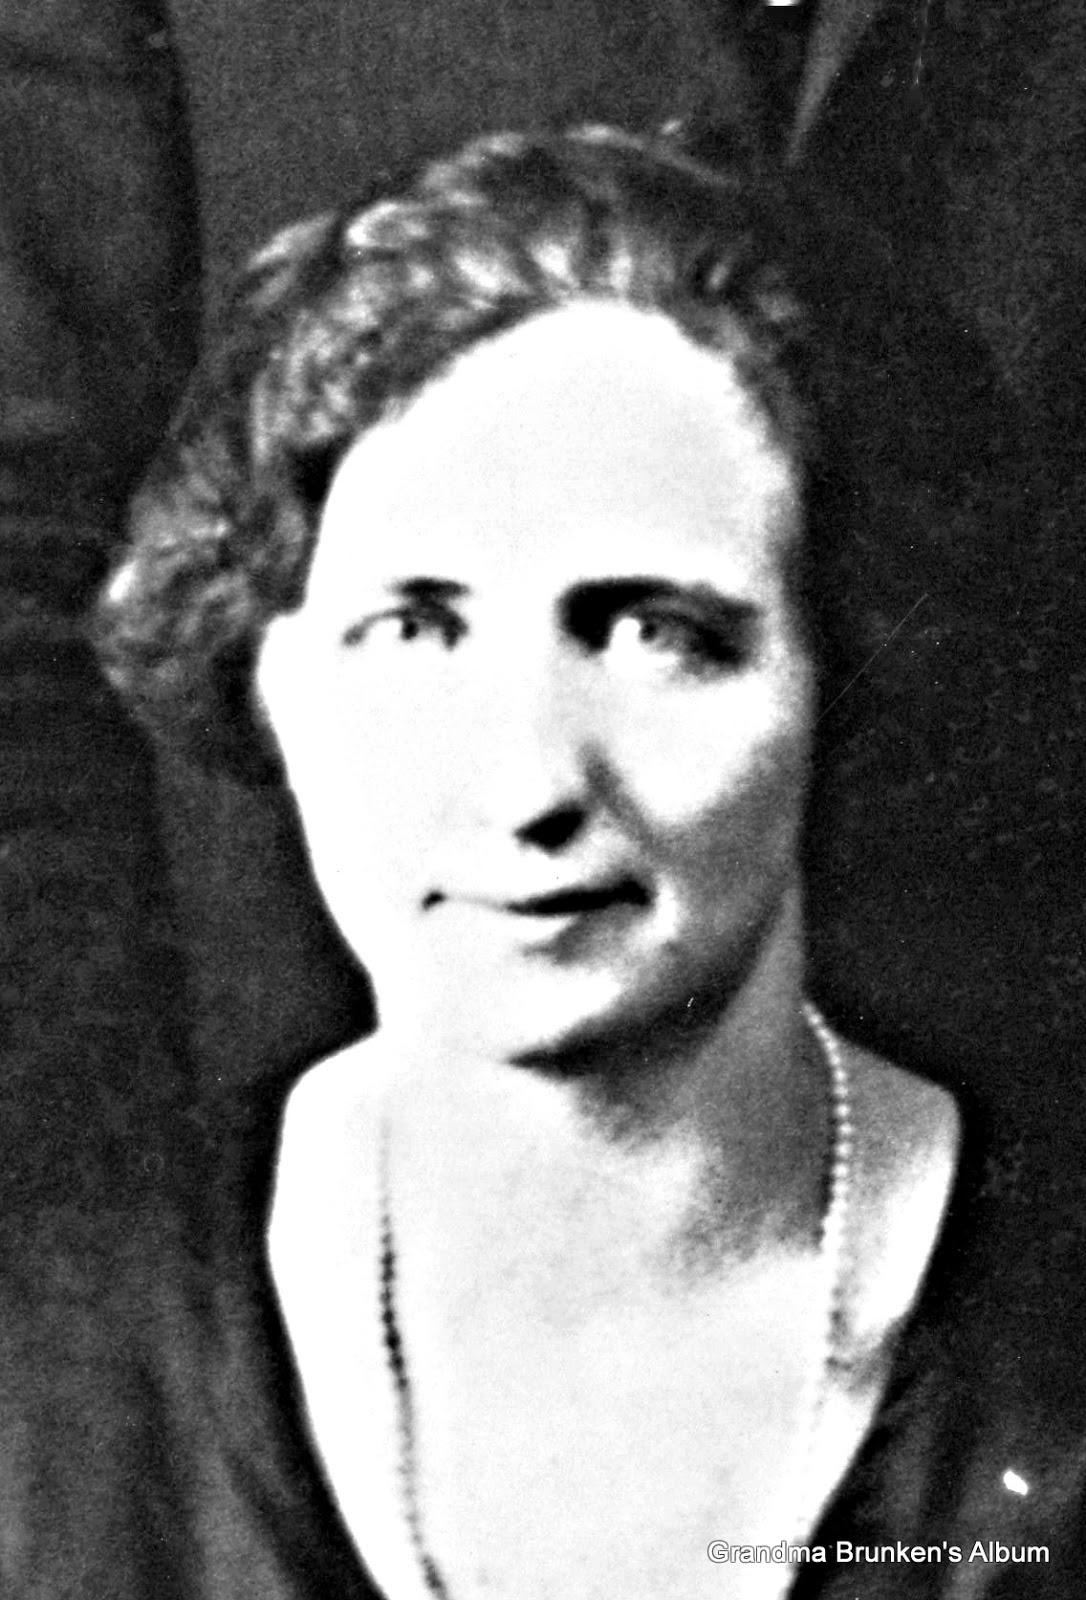 Louise Wilhemmia (Brunken) Karlin